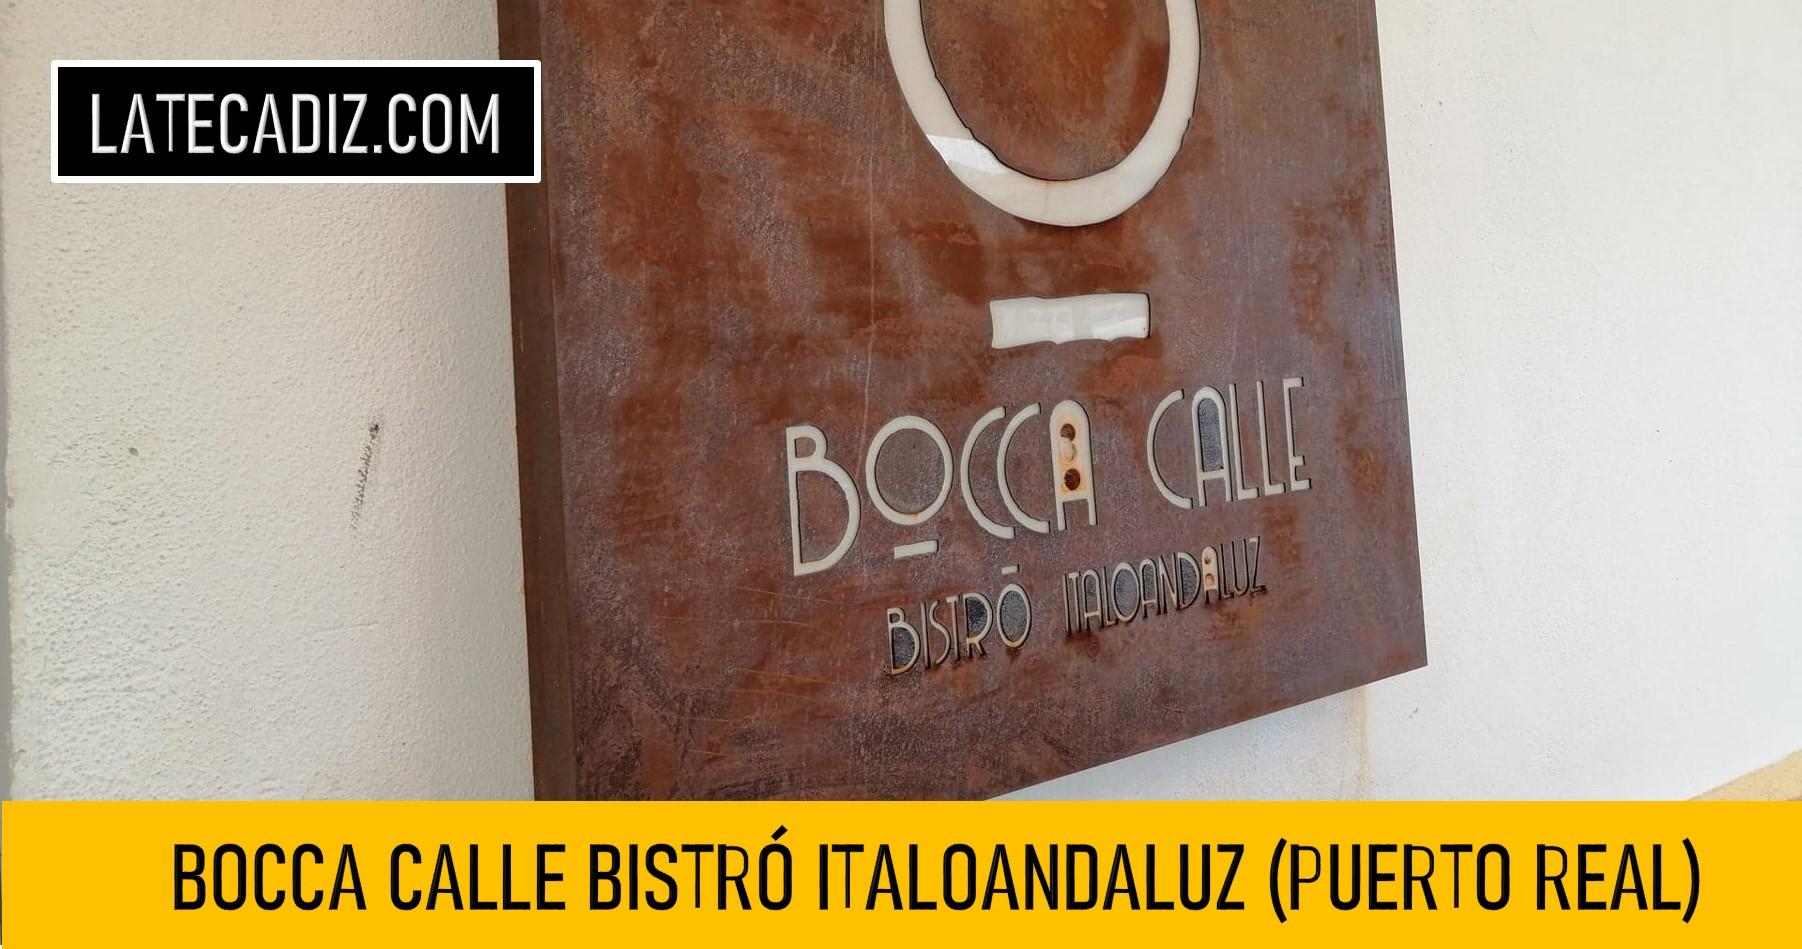 Bocca Calle Bistro Italoandaluz 0